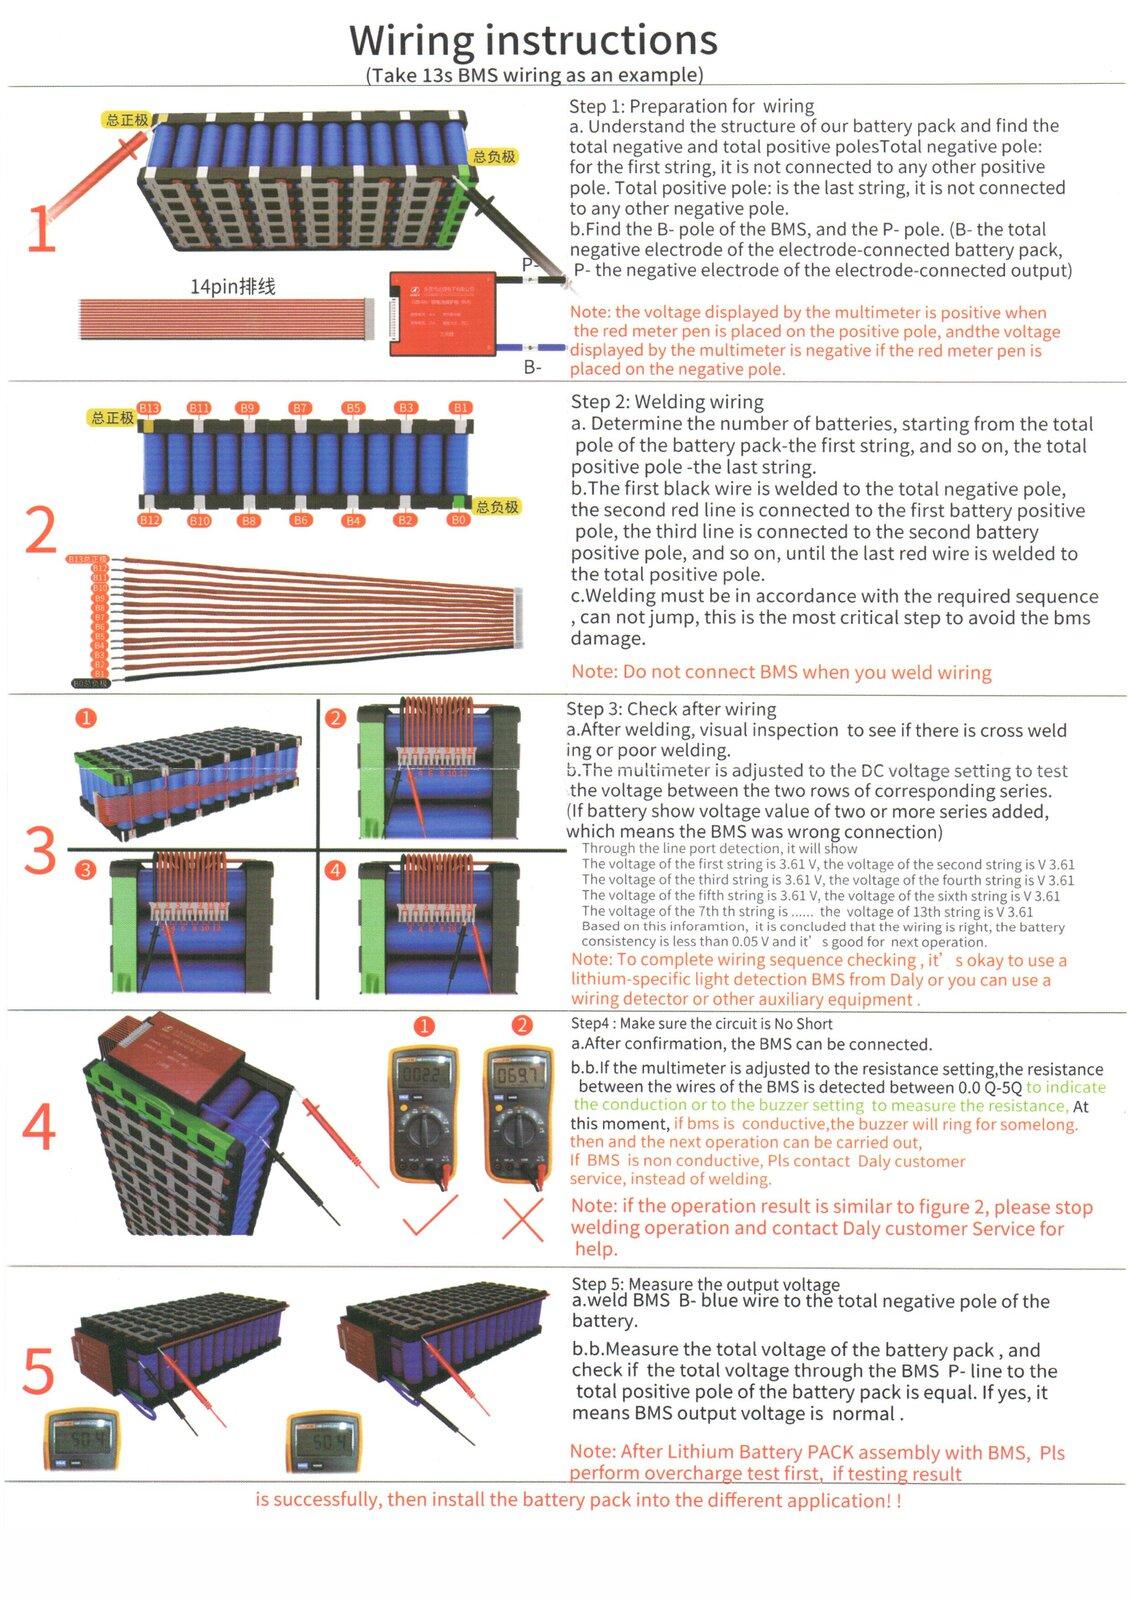 daly-bms-24v-200a-2-jpg.8513